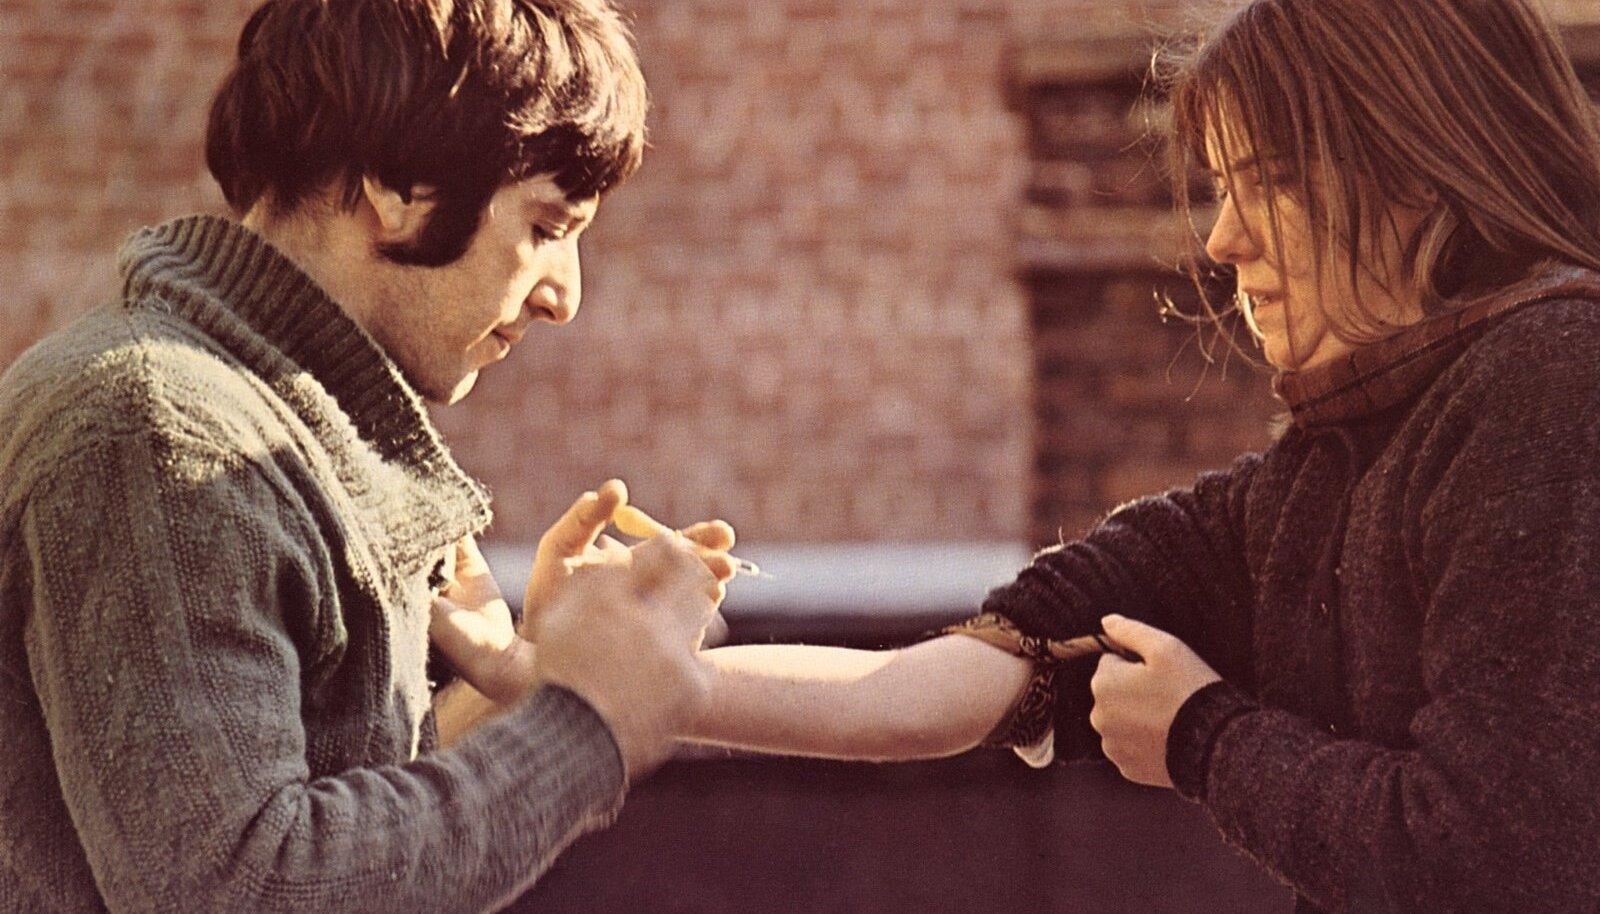 """PAANIKA NÕELAPARGIS: Al Pacino (vasakul) oma filmikarjääri alguses filmis """"The Panic in Needle Park"""" (1971), kus ta kehastab heroiinisõltlast Bobbyt. Tema armastatu, kaassõltlase Heleni rollis Kitty Winn."""